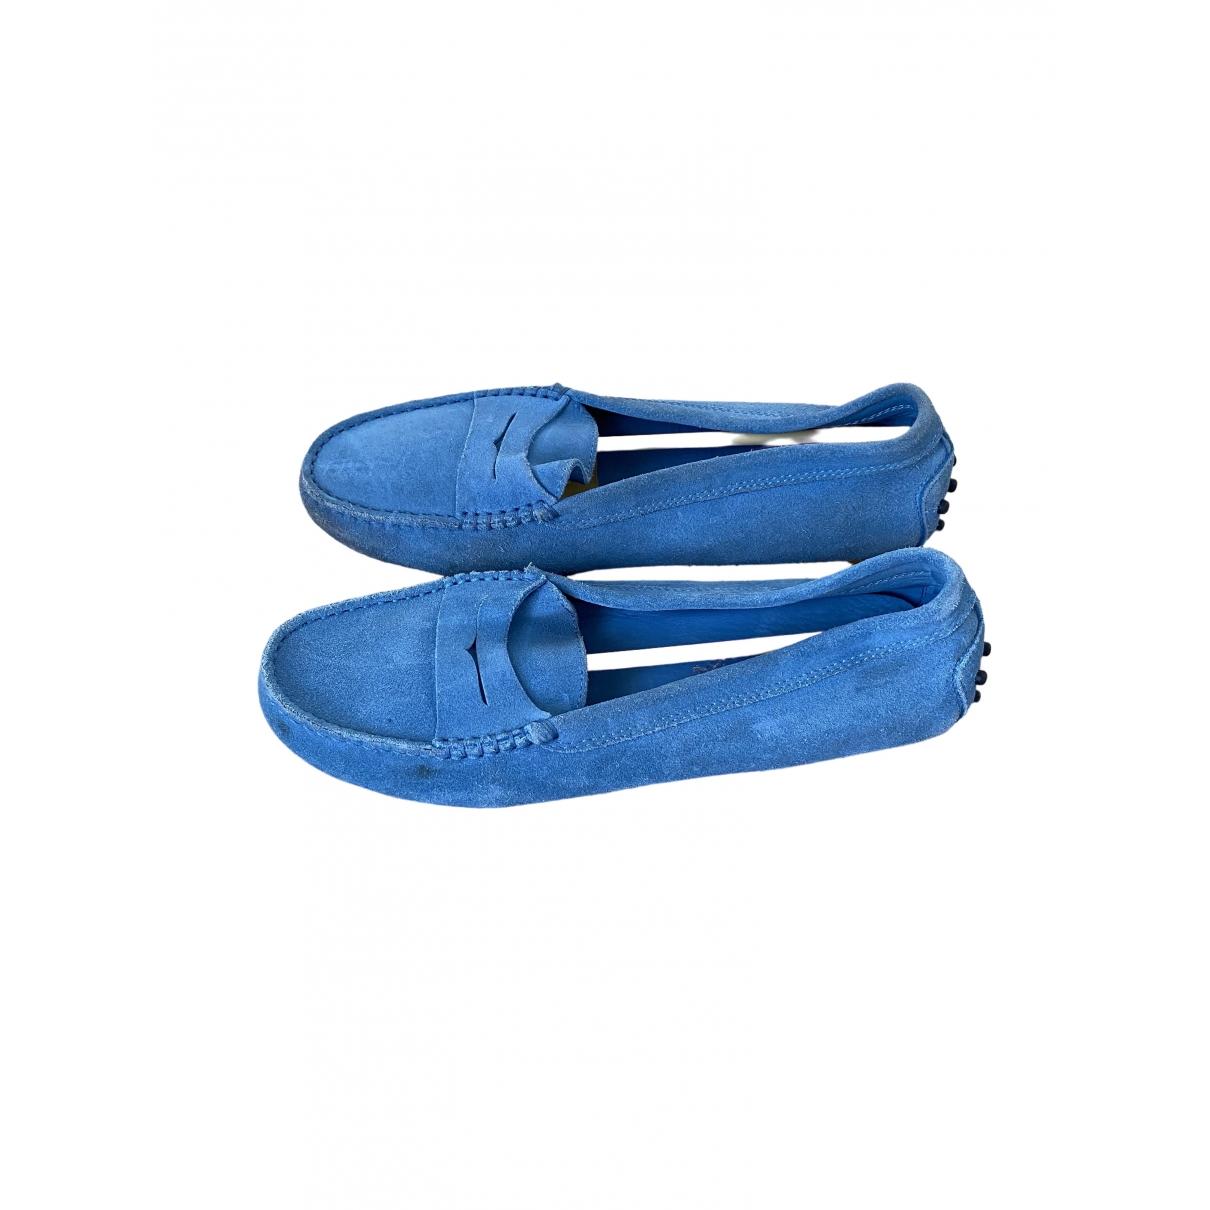 Tod's \N Blue Suede Flats for Women 38 EU